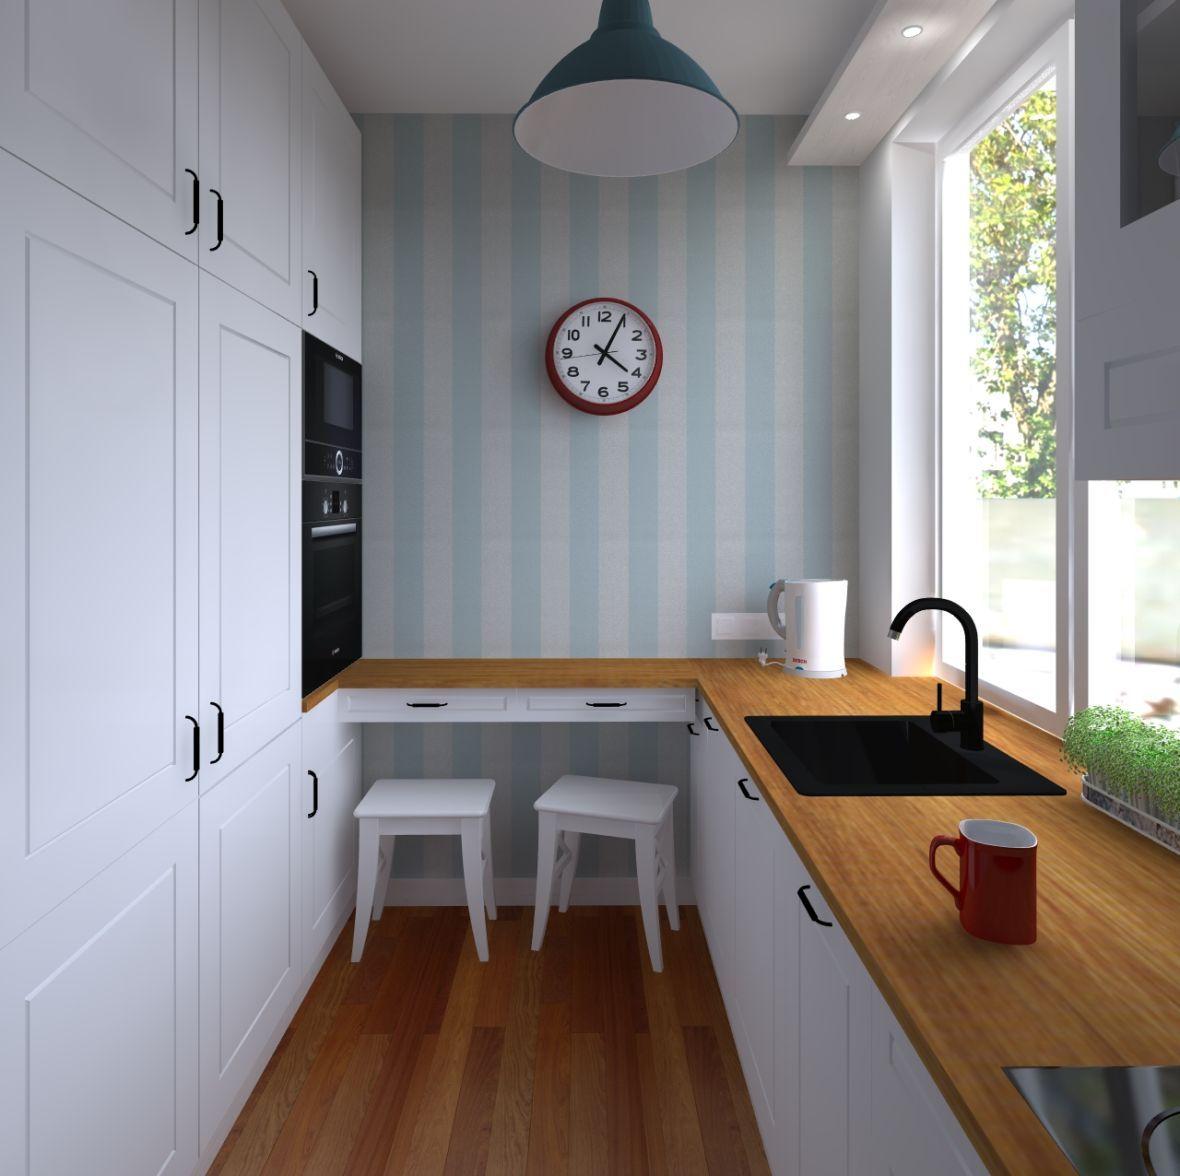 Mala Kuchnia W Bloku Kitchen Design Decor Home Home Decor